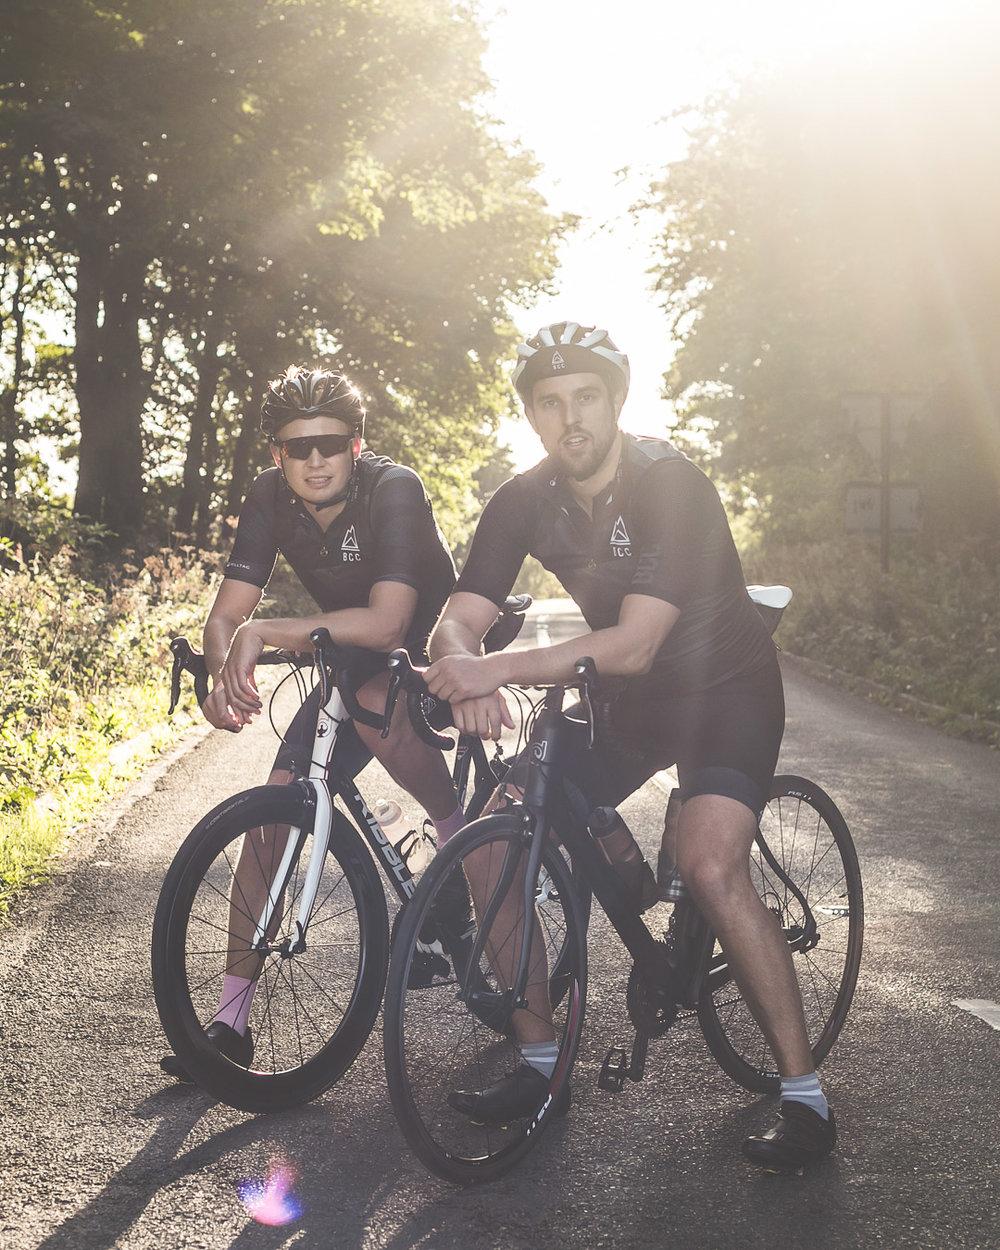 Cycling_Peaks (12 of 17).jpg